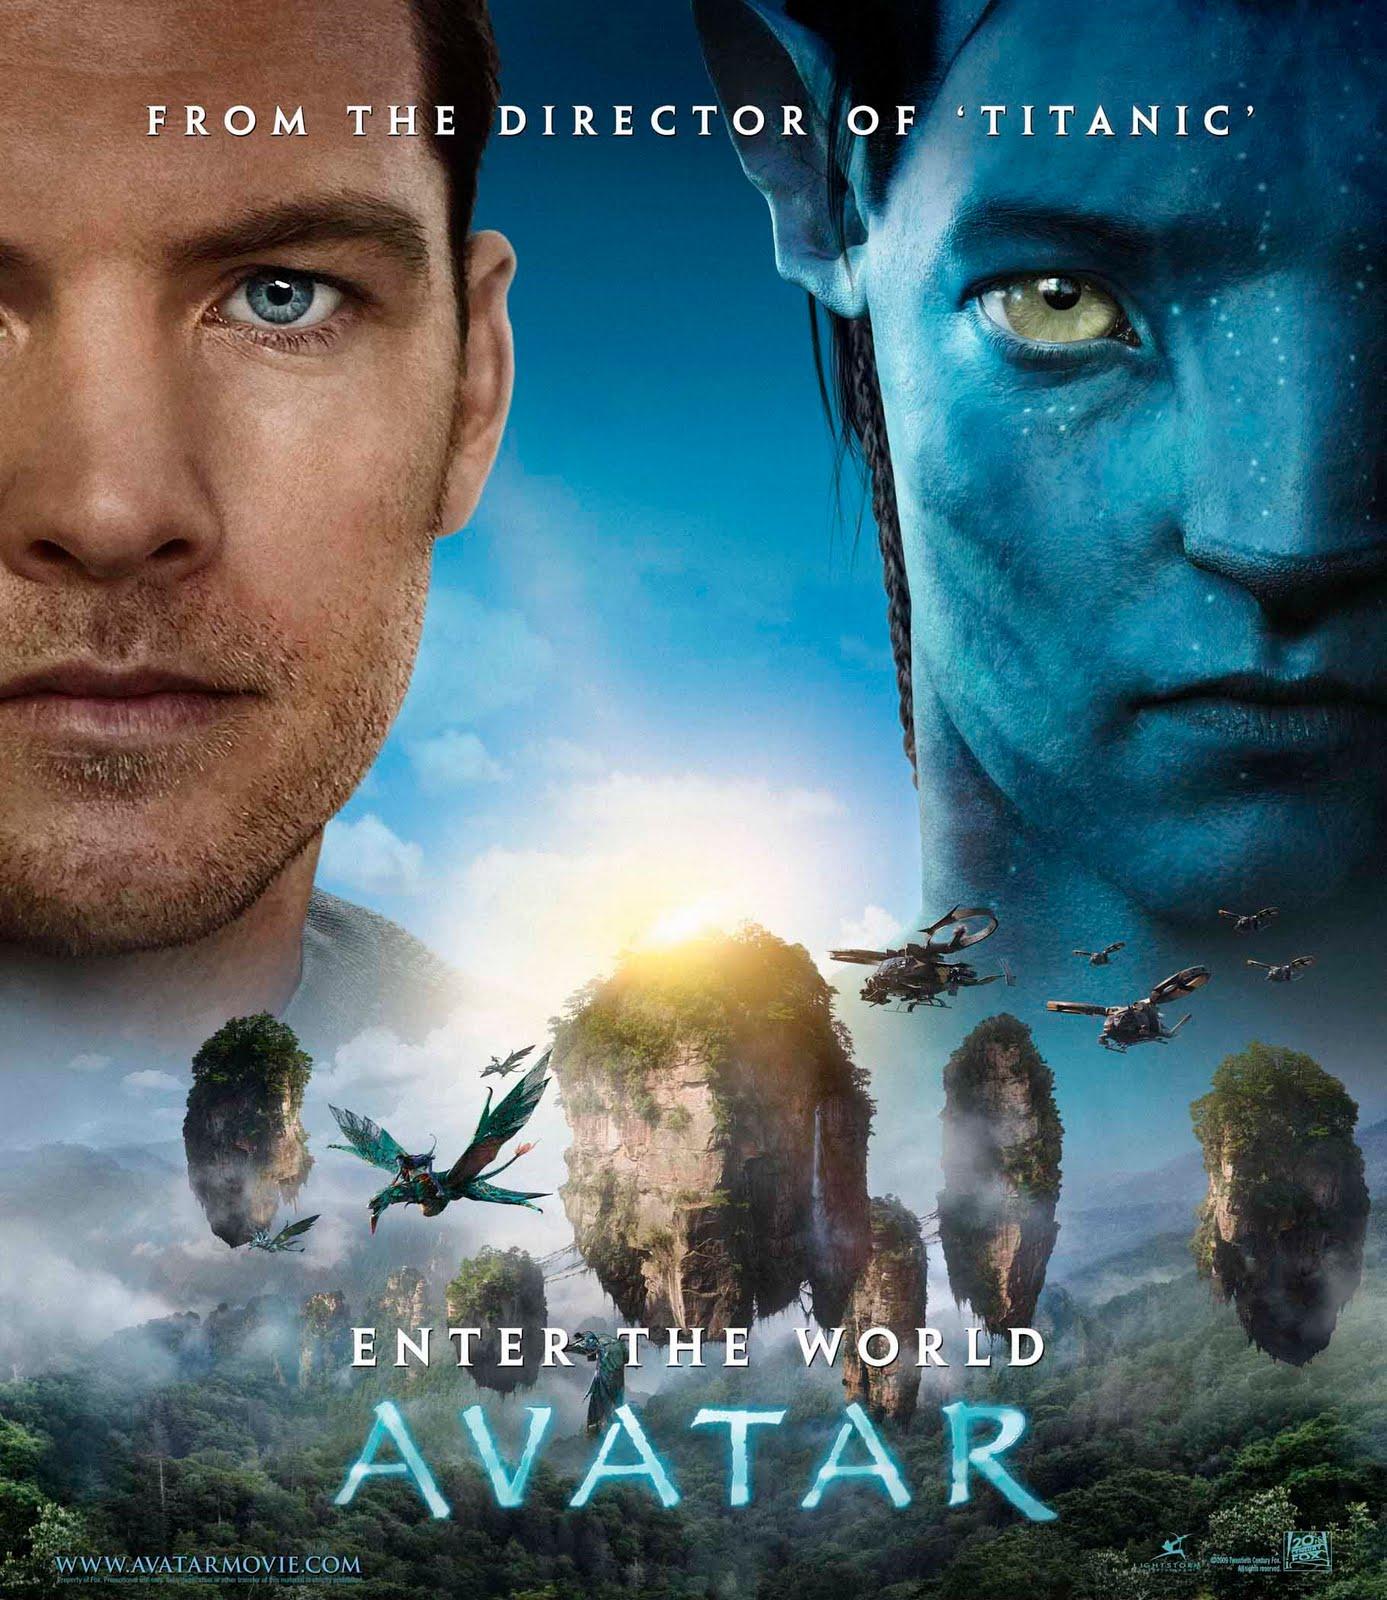 avatar-movie-poster-lauren-blog.JPG